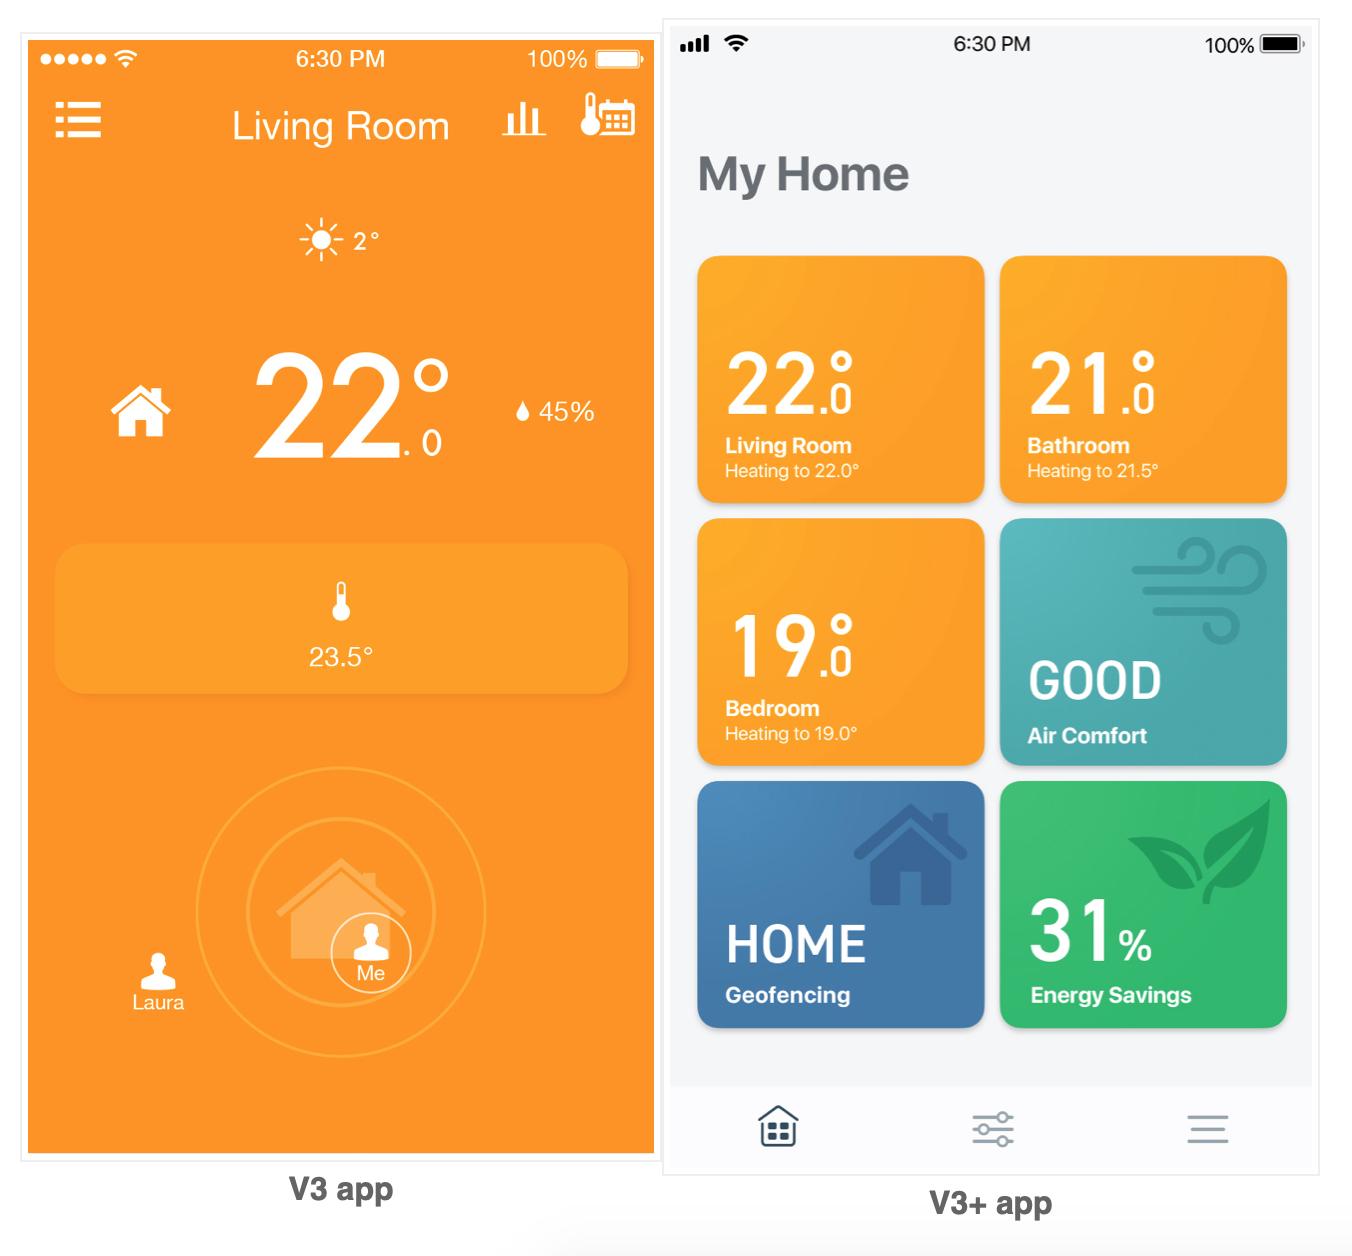 Tado App Upgrade to V3+ for FREE (Existing Users V1 & V2 AC Devices only)